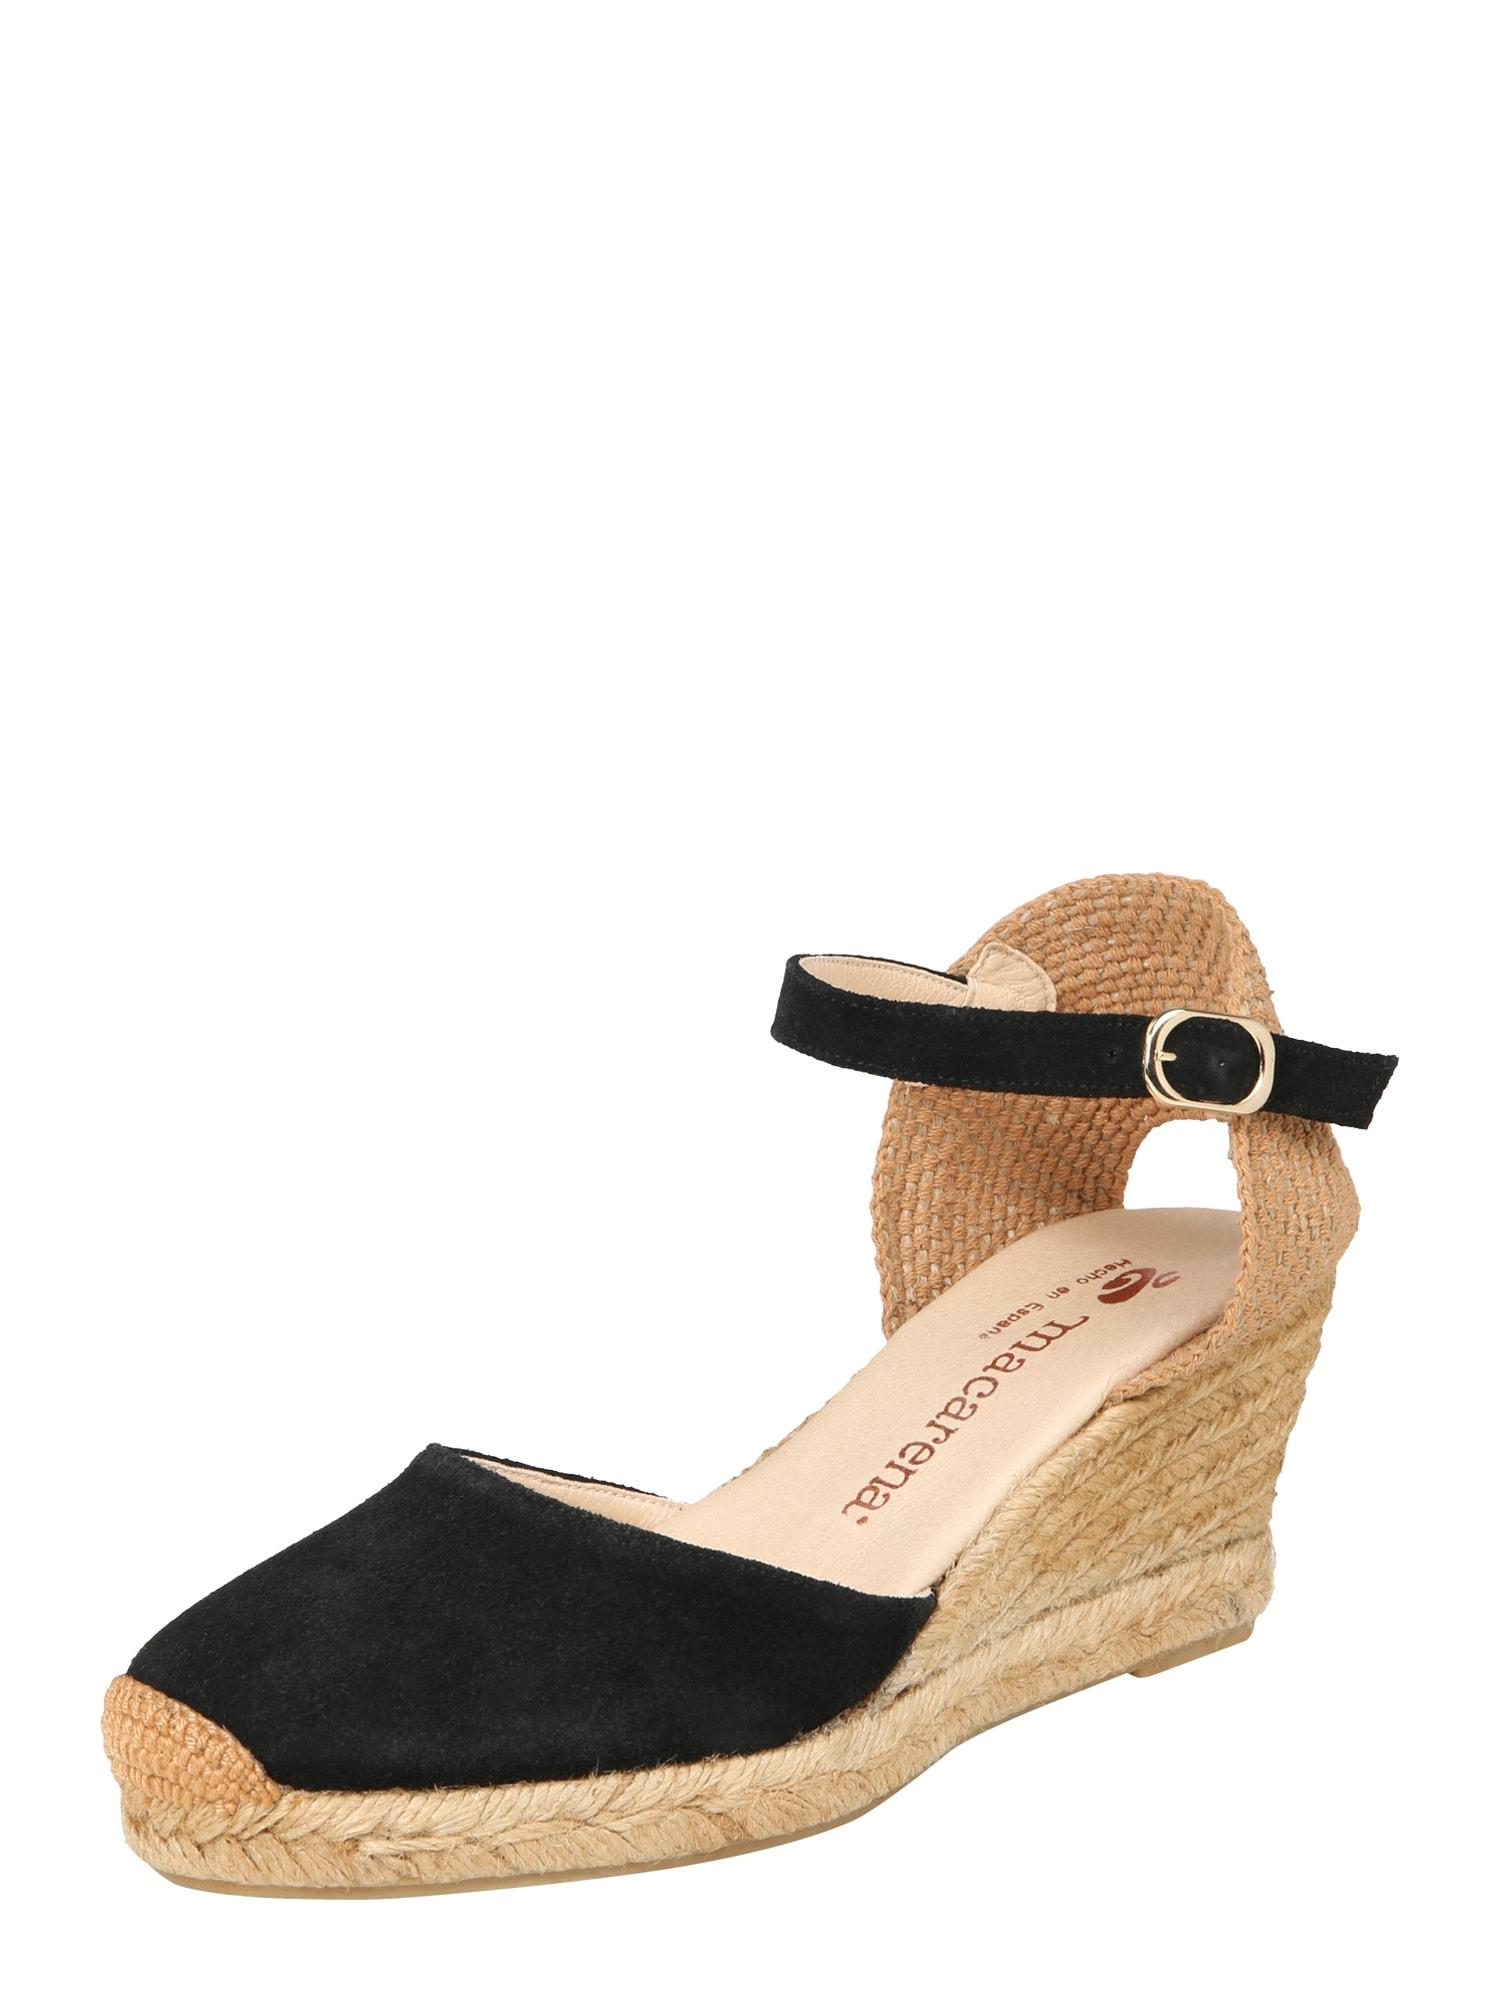 Sandály Ana 21 černá MACARENA